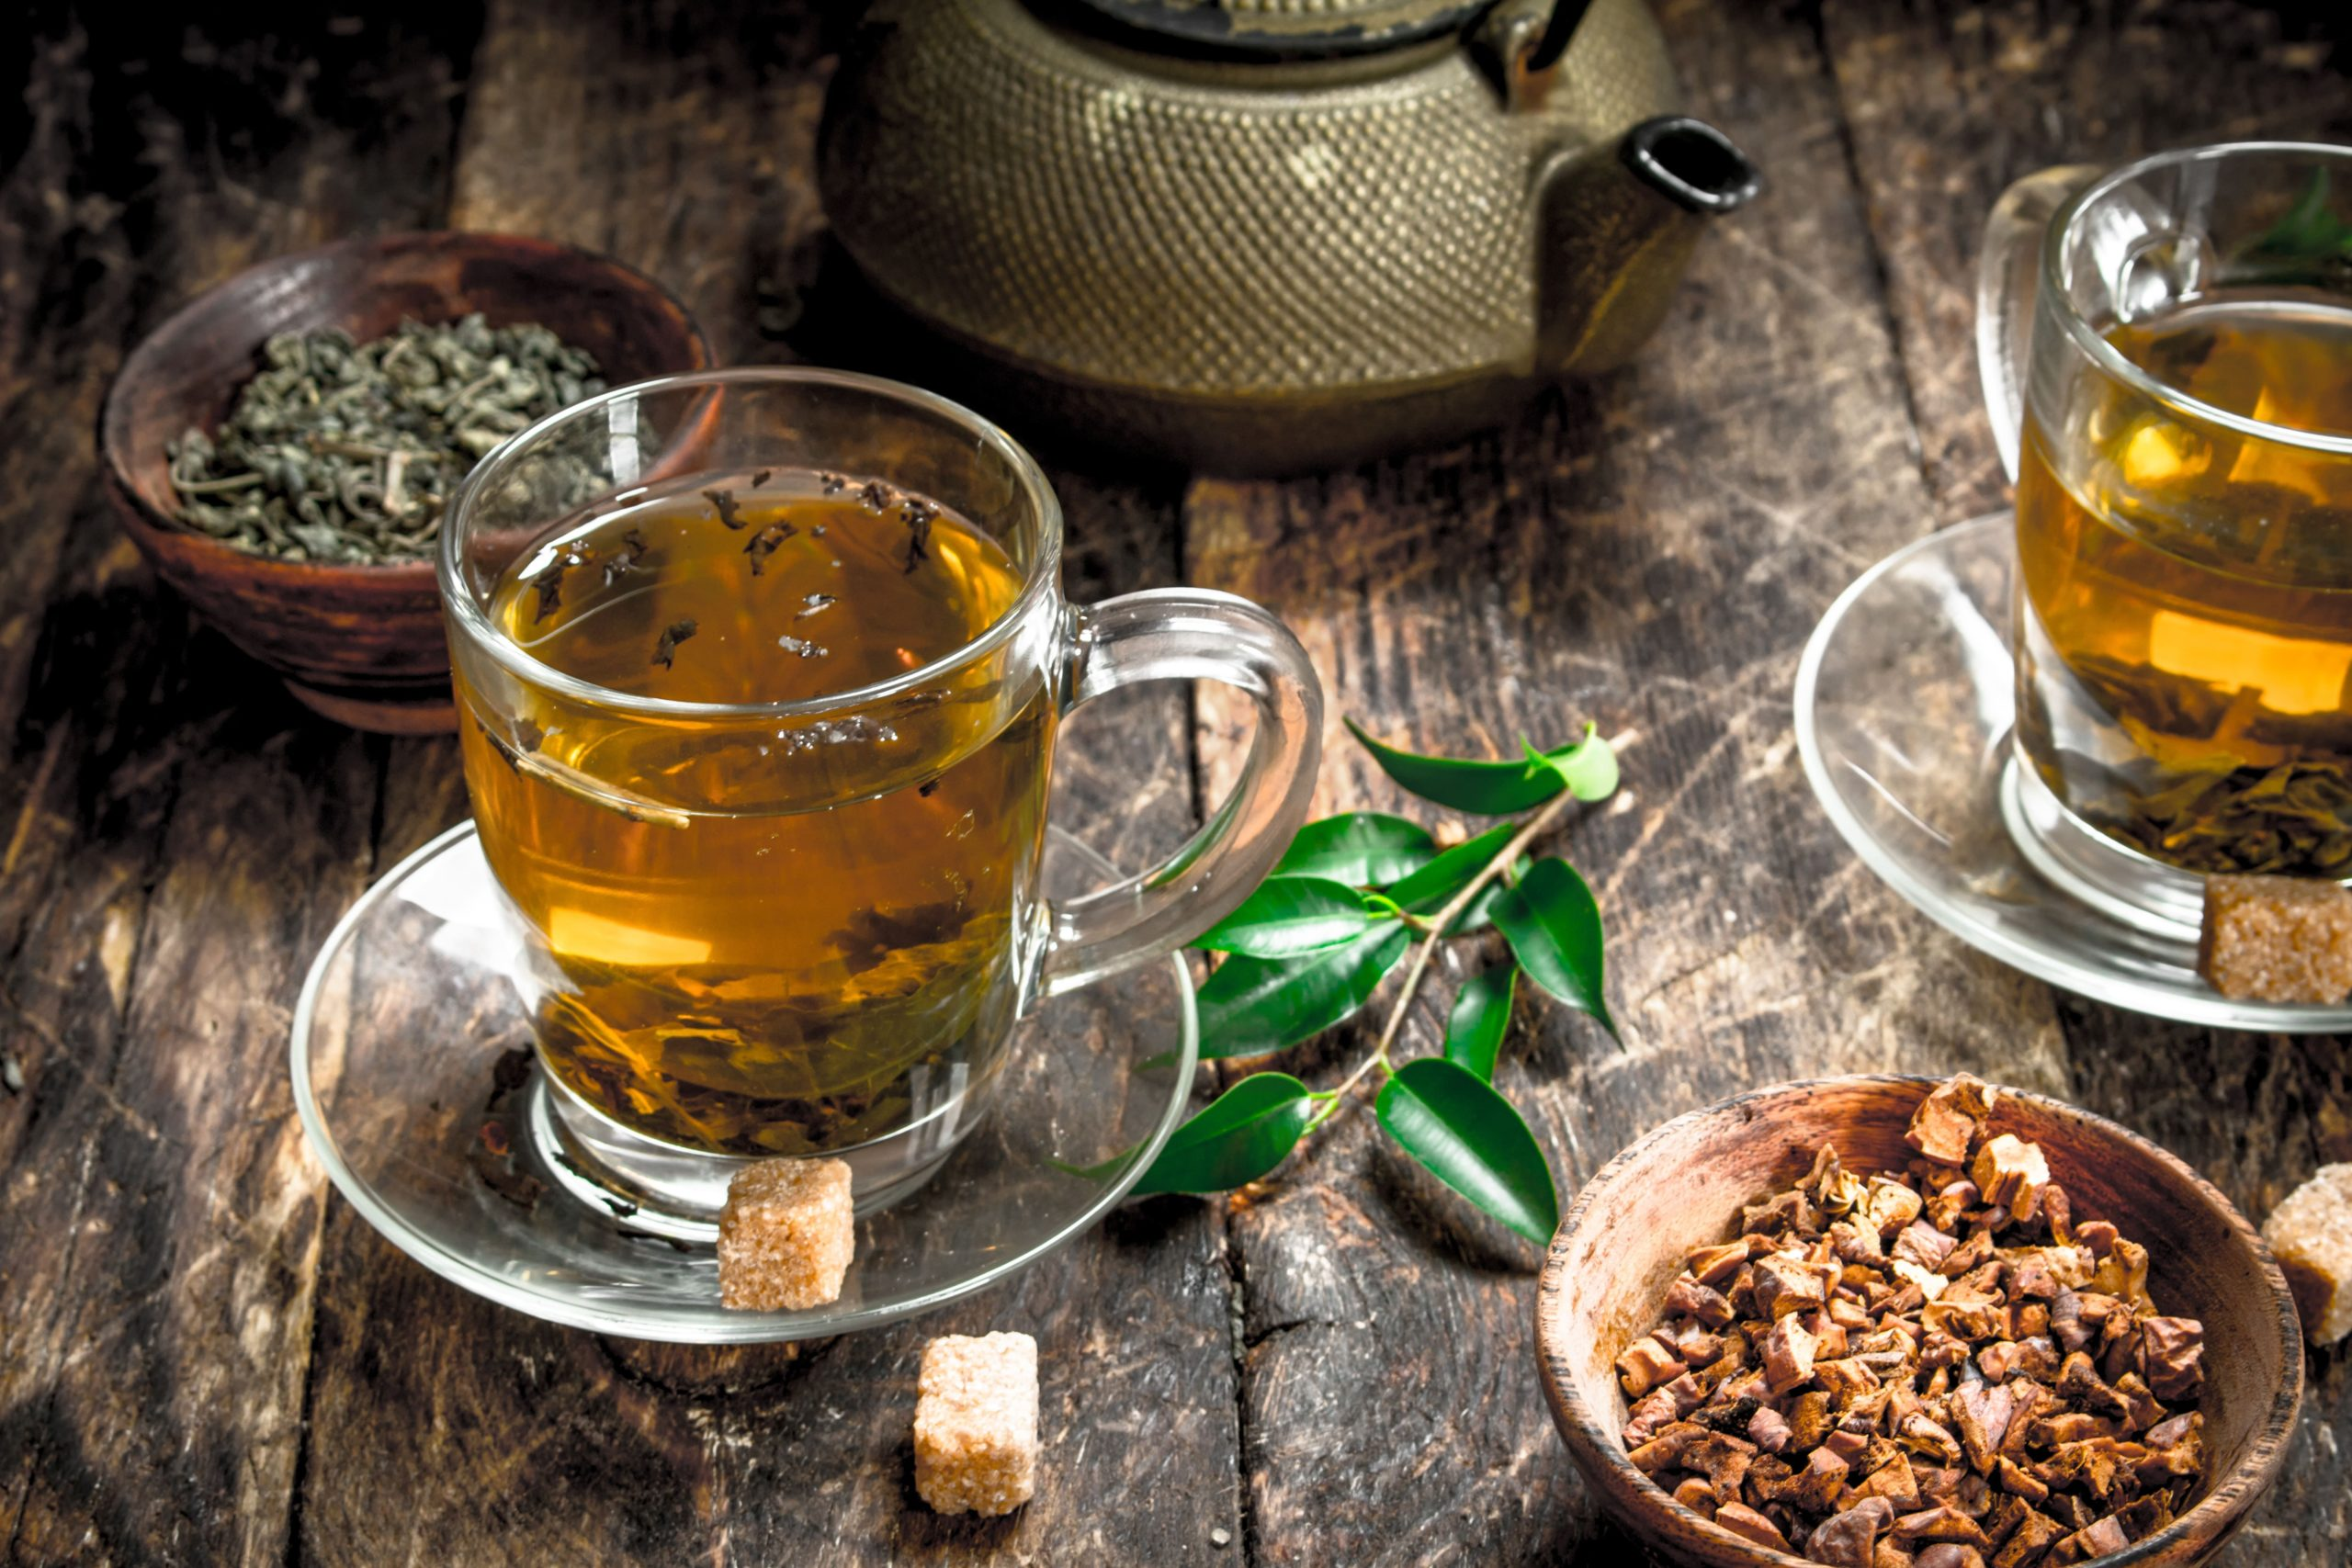 Herbata czarna niejedno ma imię Najsłynniejsze odmiany i ich historia